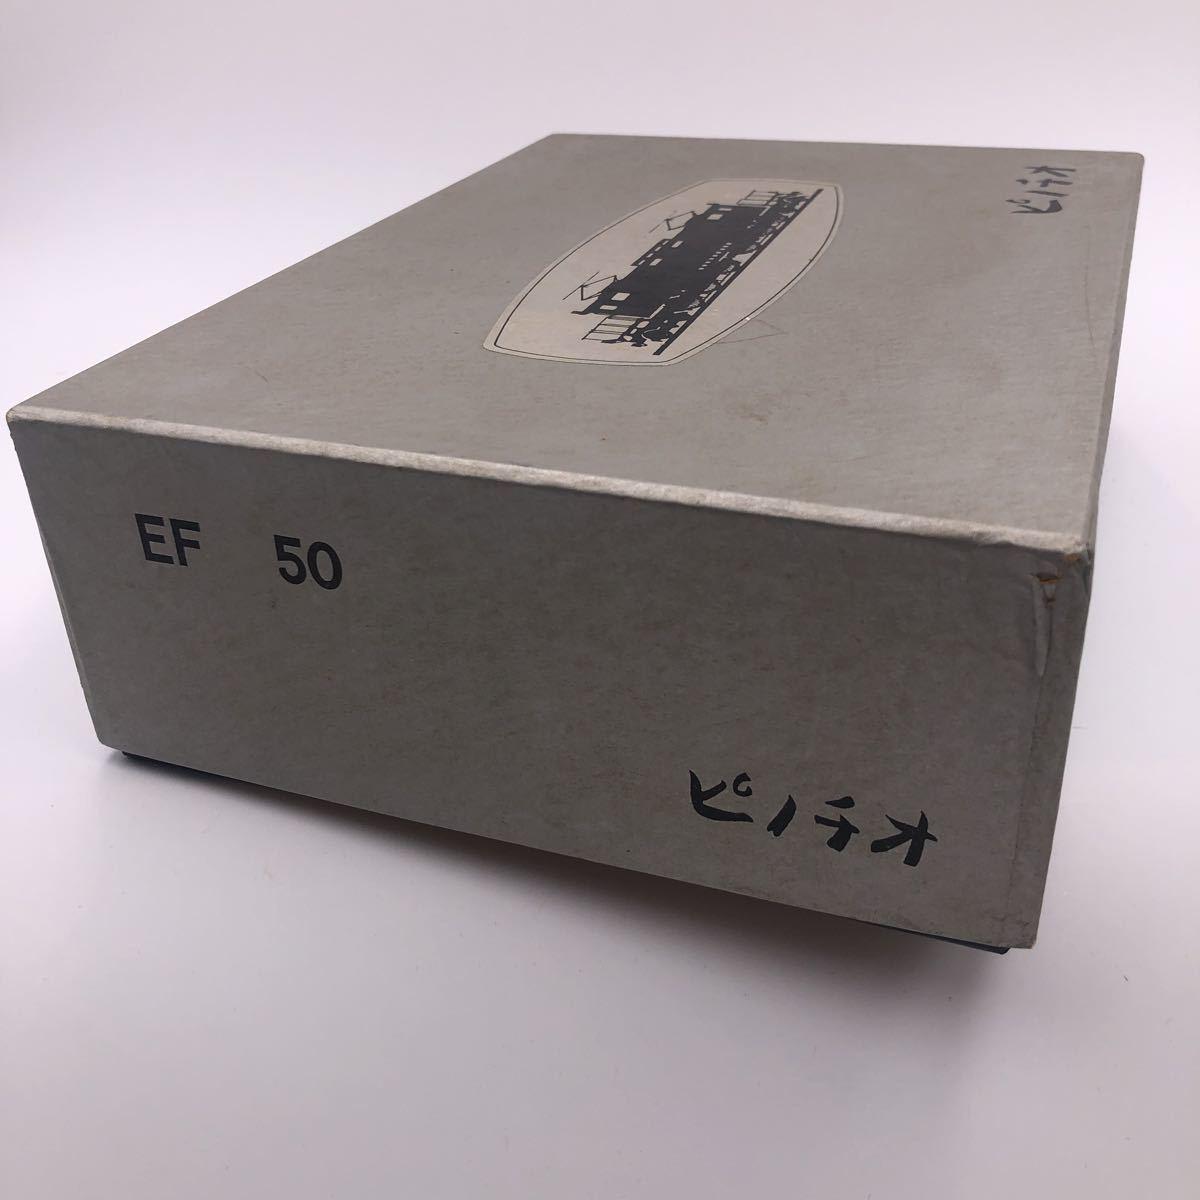 ピノチオ 国鉄 EF50 直流電気機関車 HOゲージ_画像10